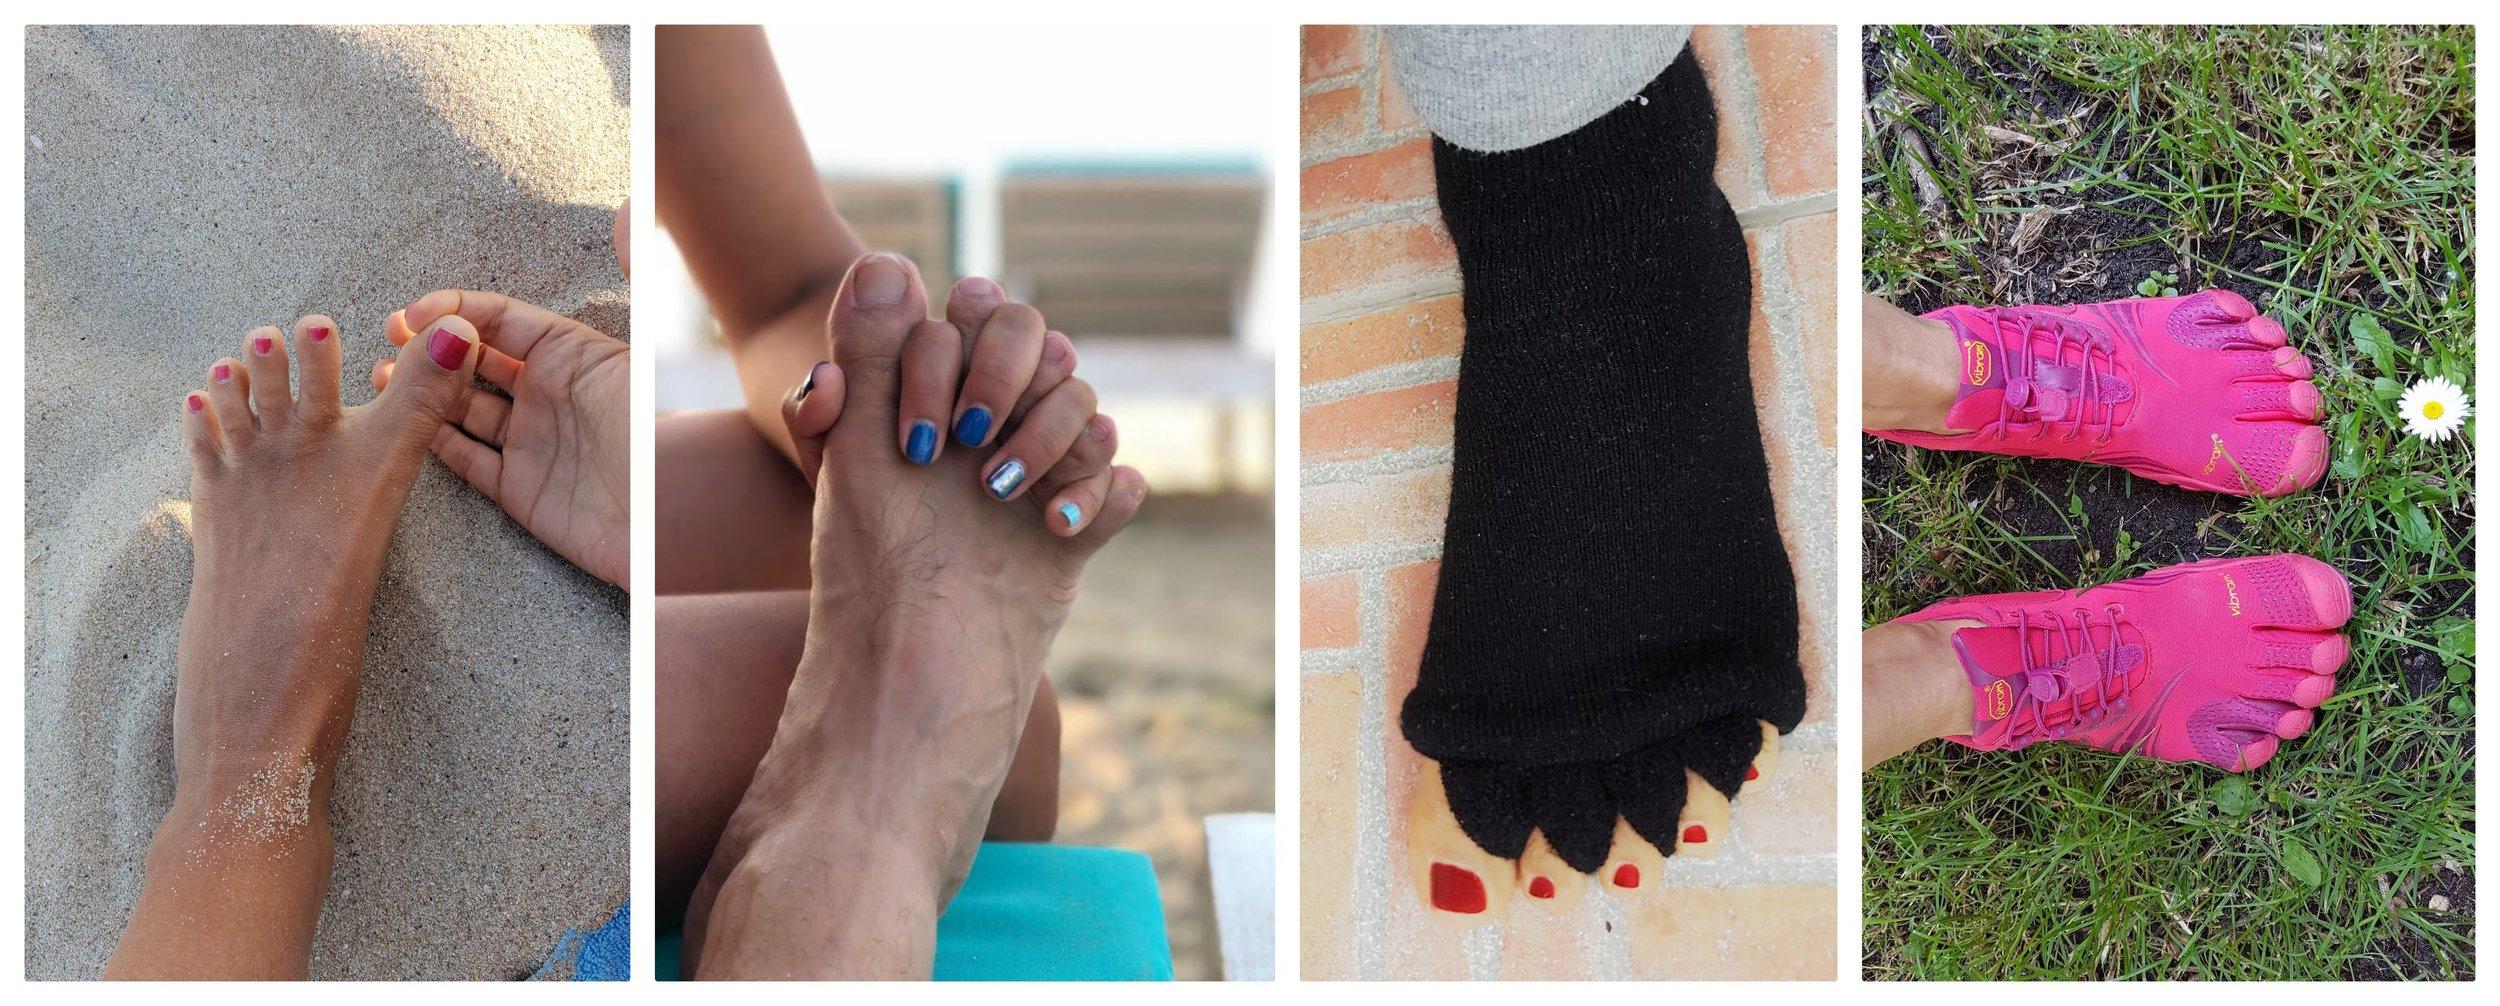 """1) Подръпване на палеца далеч от другите пръсти. Комбинирай с всякакво раздвижване и размачкване на палеца и стъпалото. 2) """"Кракостискане"""". 3) My Happy Feet socks - чорапчета, които разделят пръстите. 4) Vibram Five Fingers - минималистични обувки, които разделят пръстите. Не разполагам с разделители, които да покажа, но има много реклами на такива и могат да се видят и намерят."""